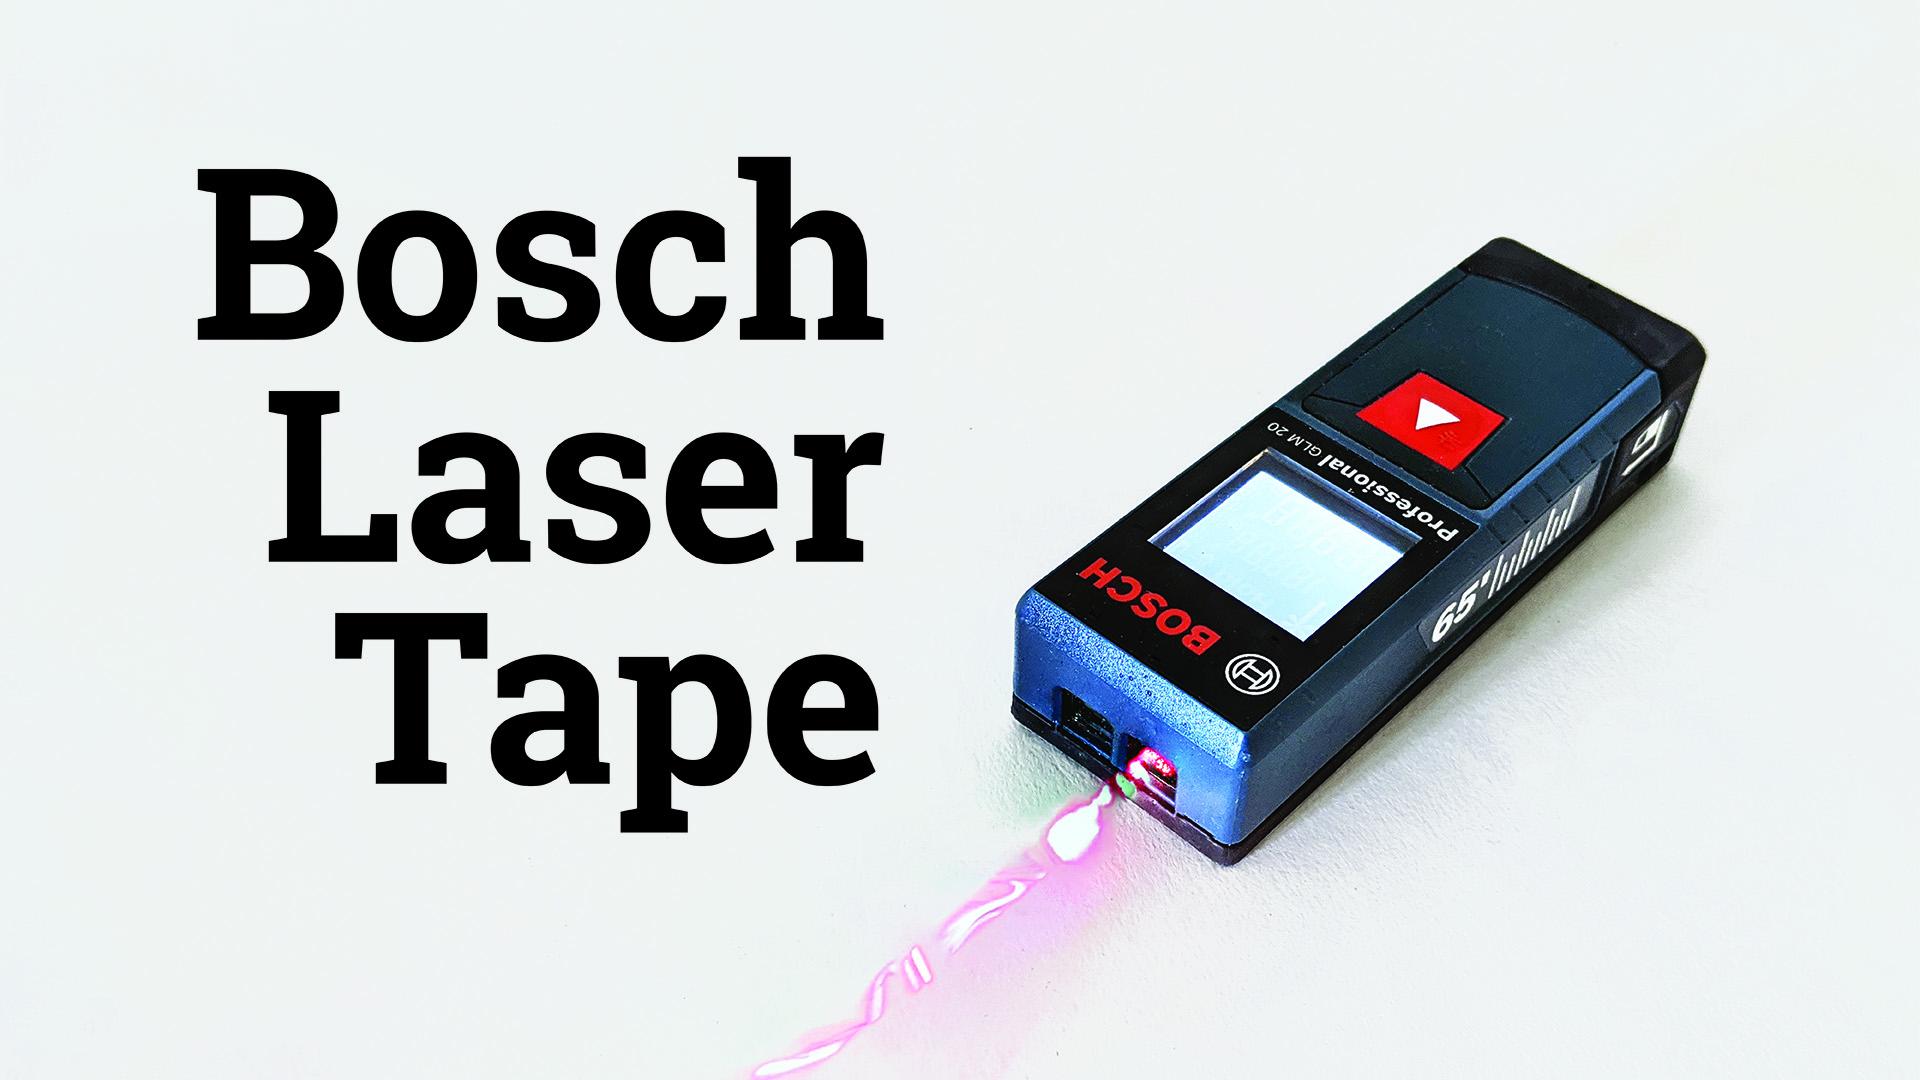 Bosch Laser Tape (Thumb)